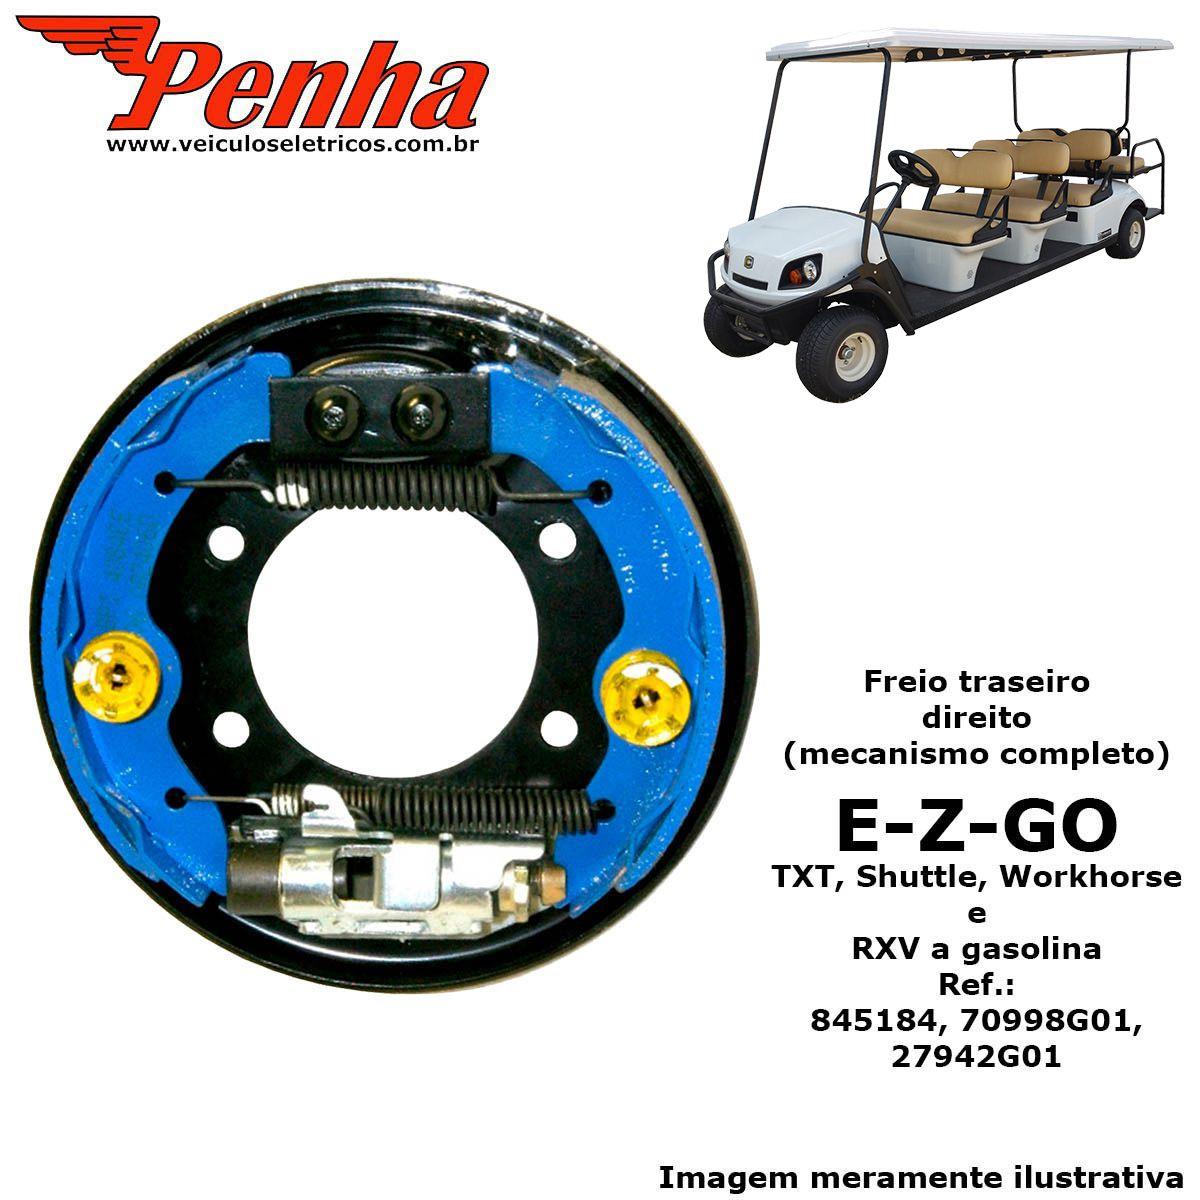 Espelho de freio para carrinho de golfe EZ-GO (Lado Direito)